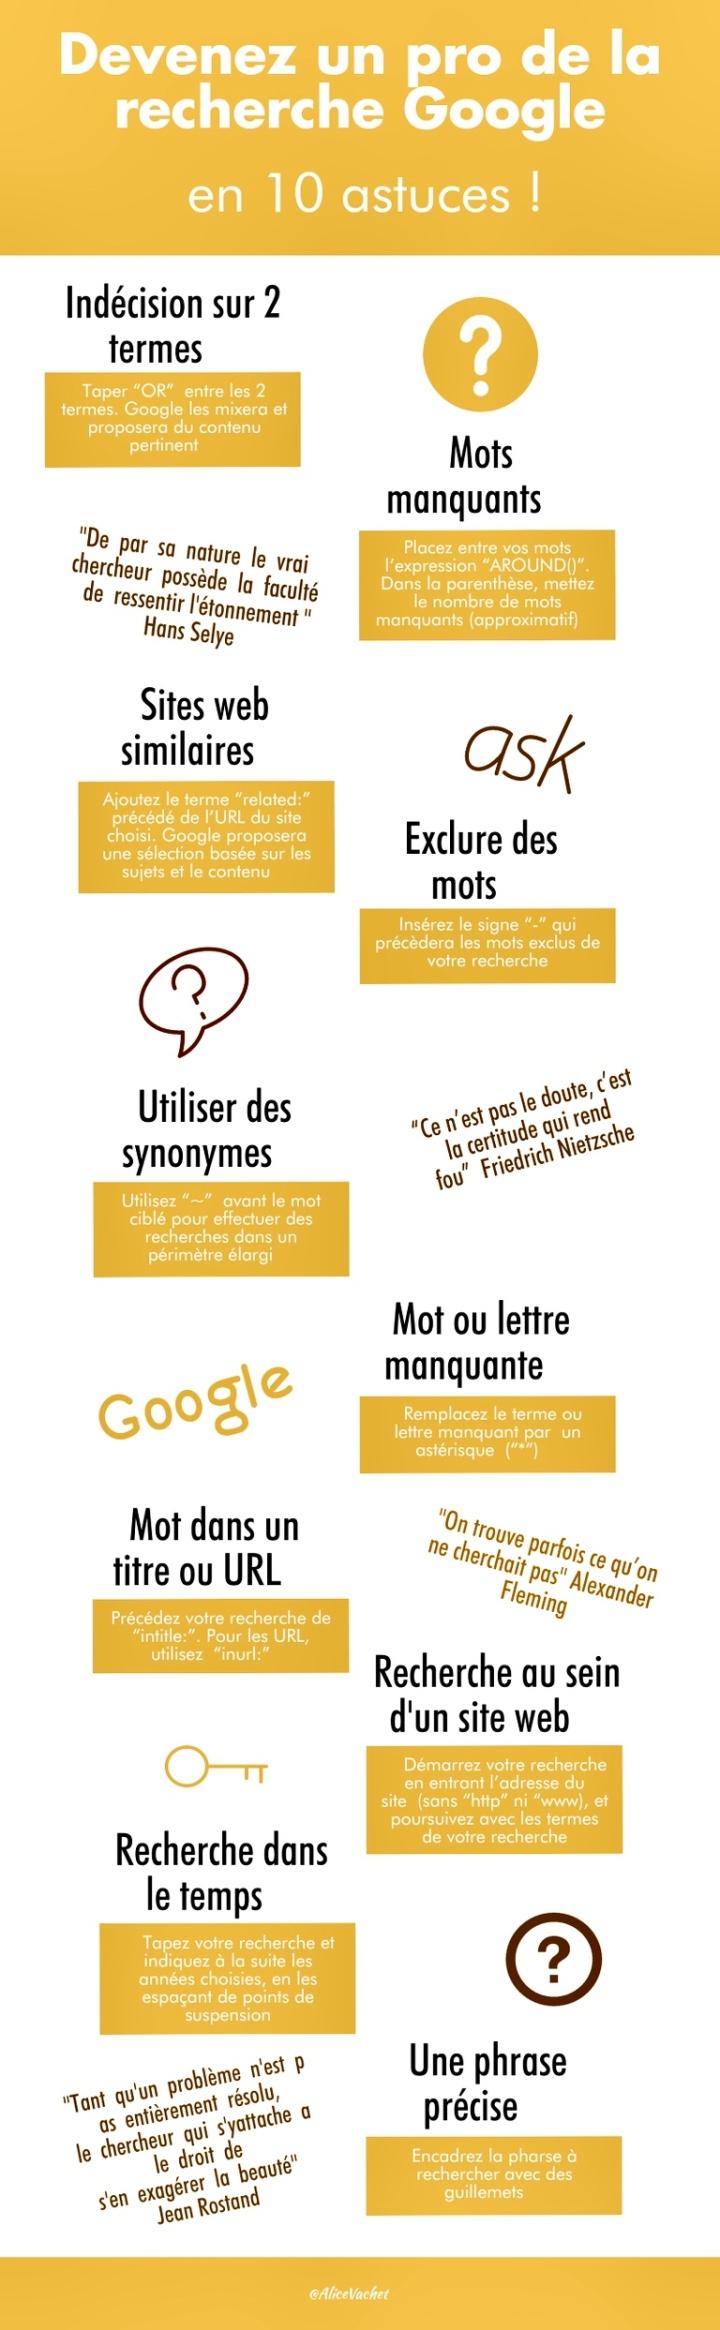 [Infographie] 10 Conseils Pour Devenir Un PRO De La Recherche Google🔍